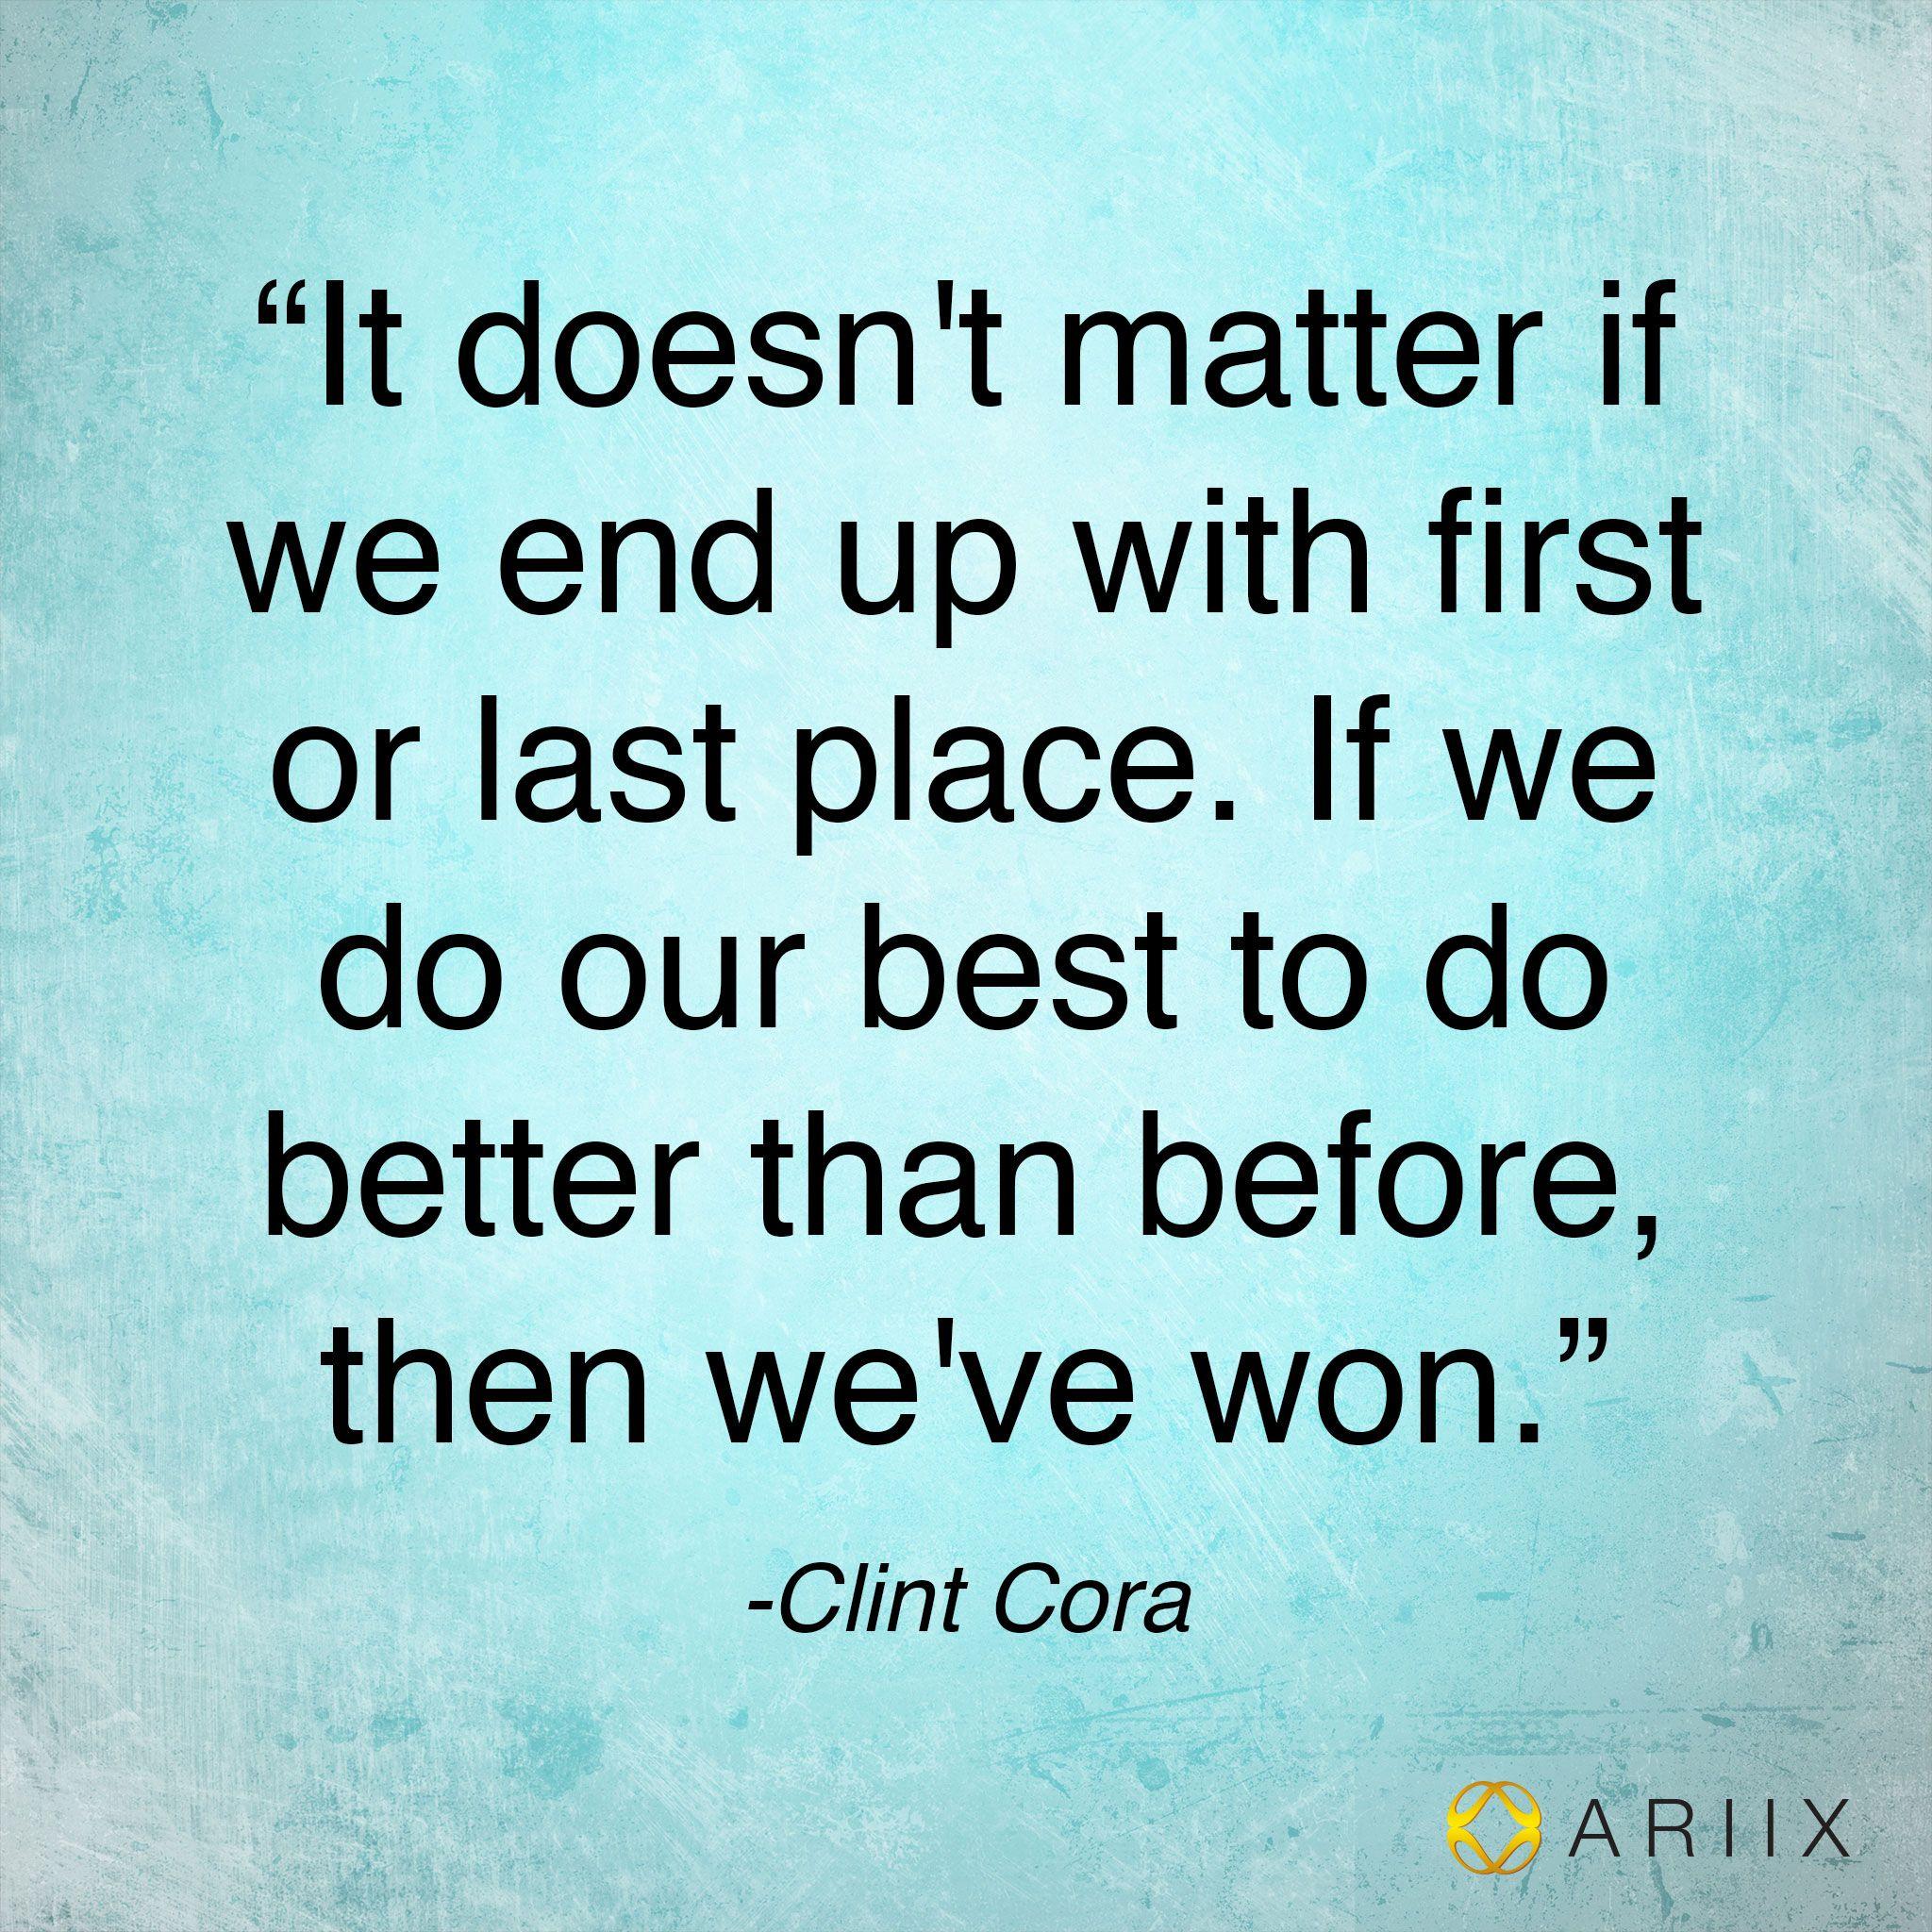 #MorningMotivation #quote #ClintCora #10072013